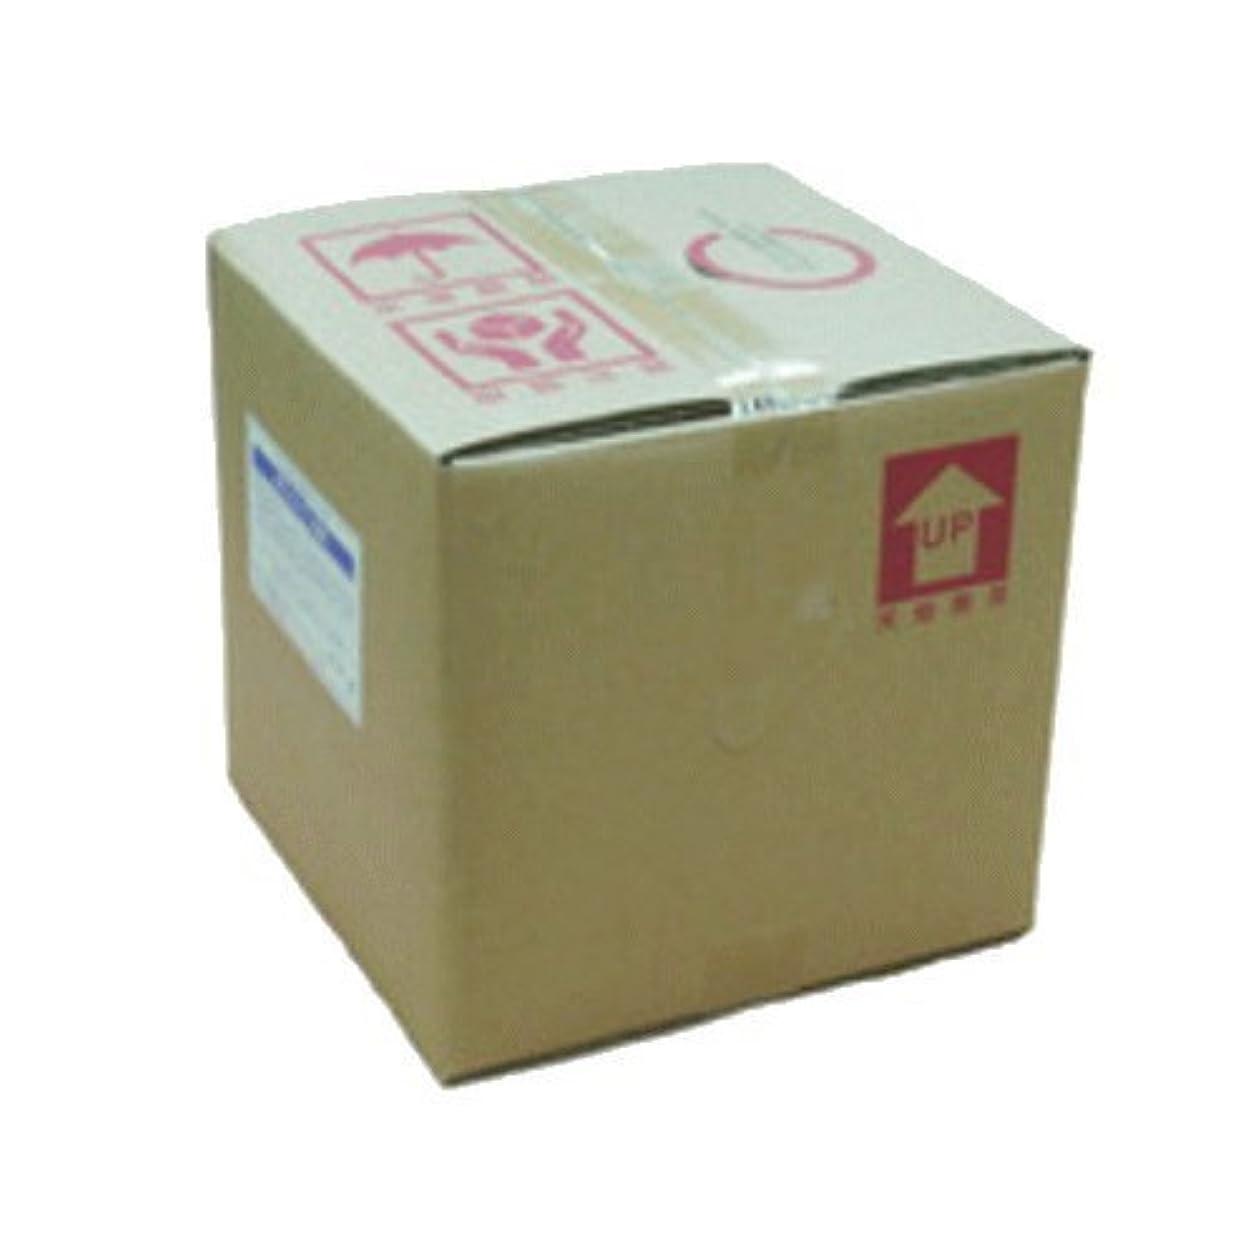 ストライク混合風邪をひくウインドヒル 業務用コンディショナー(リンス) オレンジA-1 20L